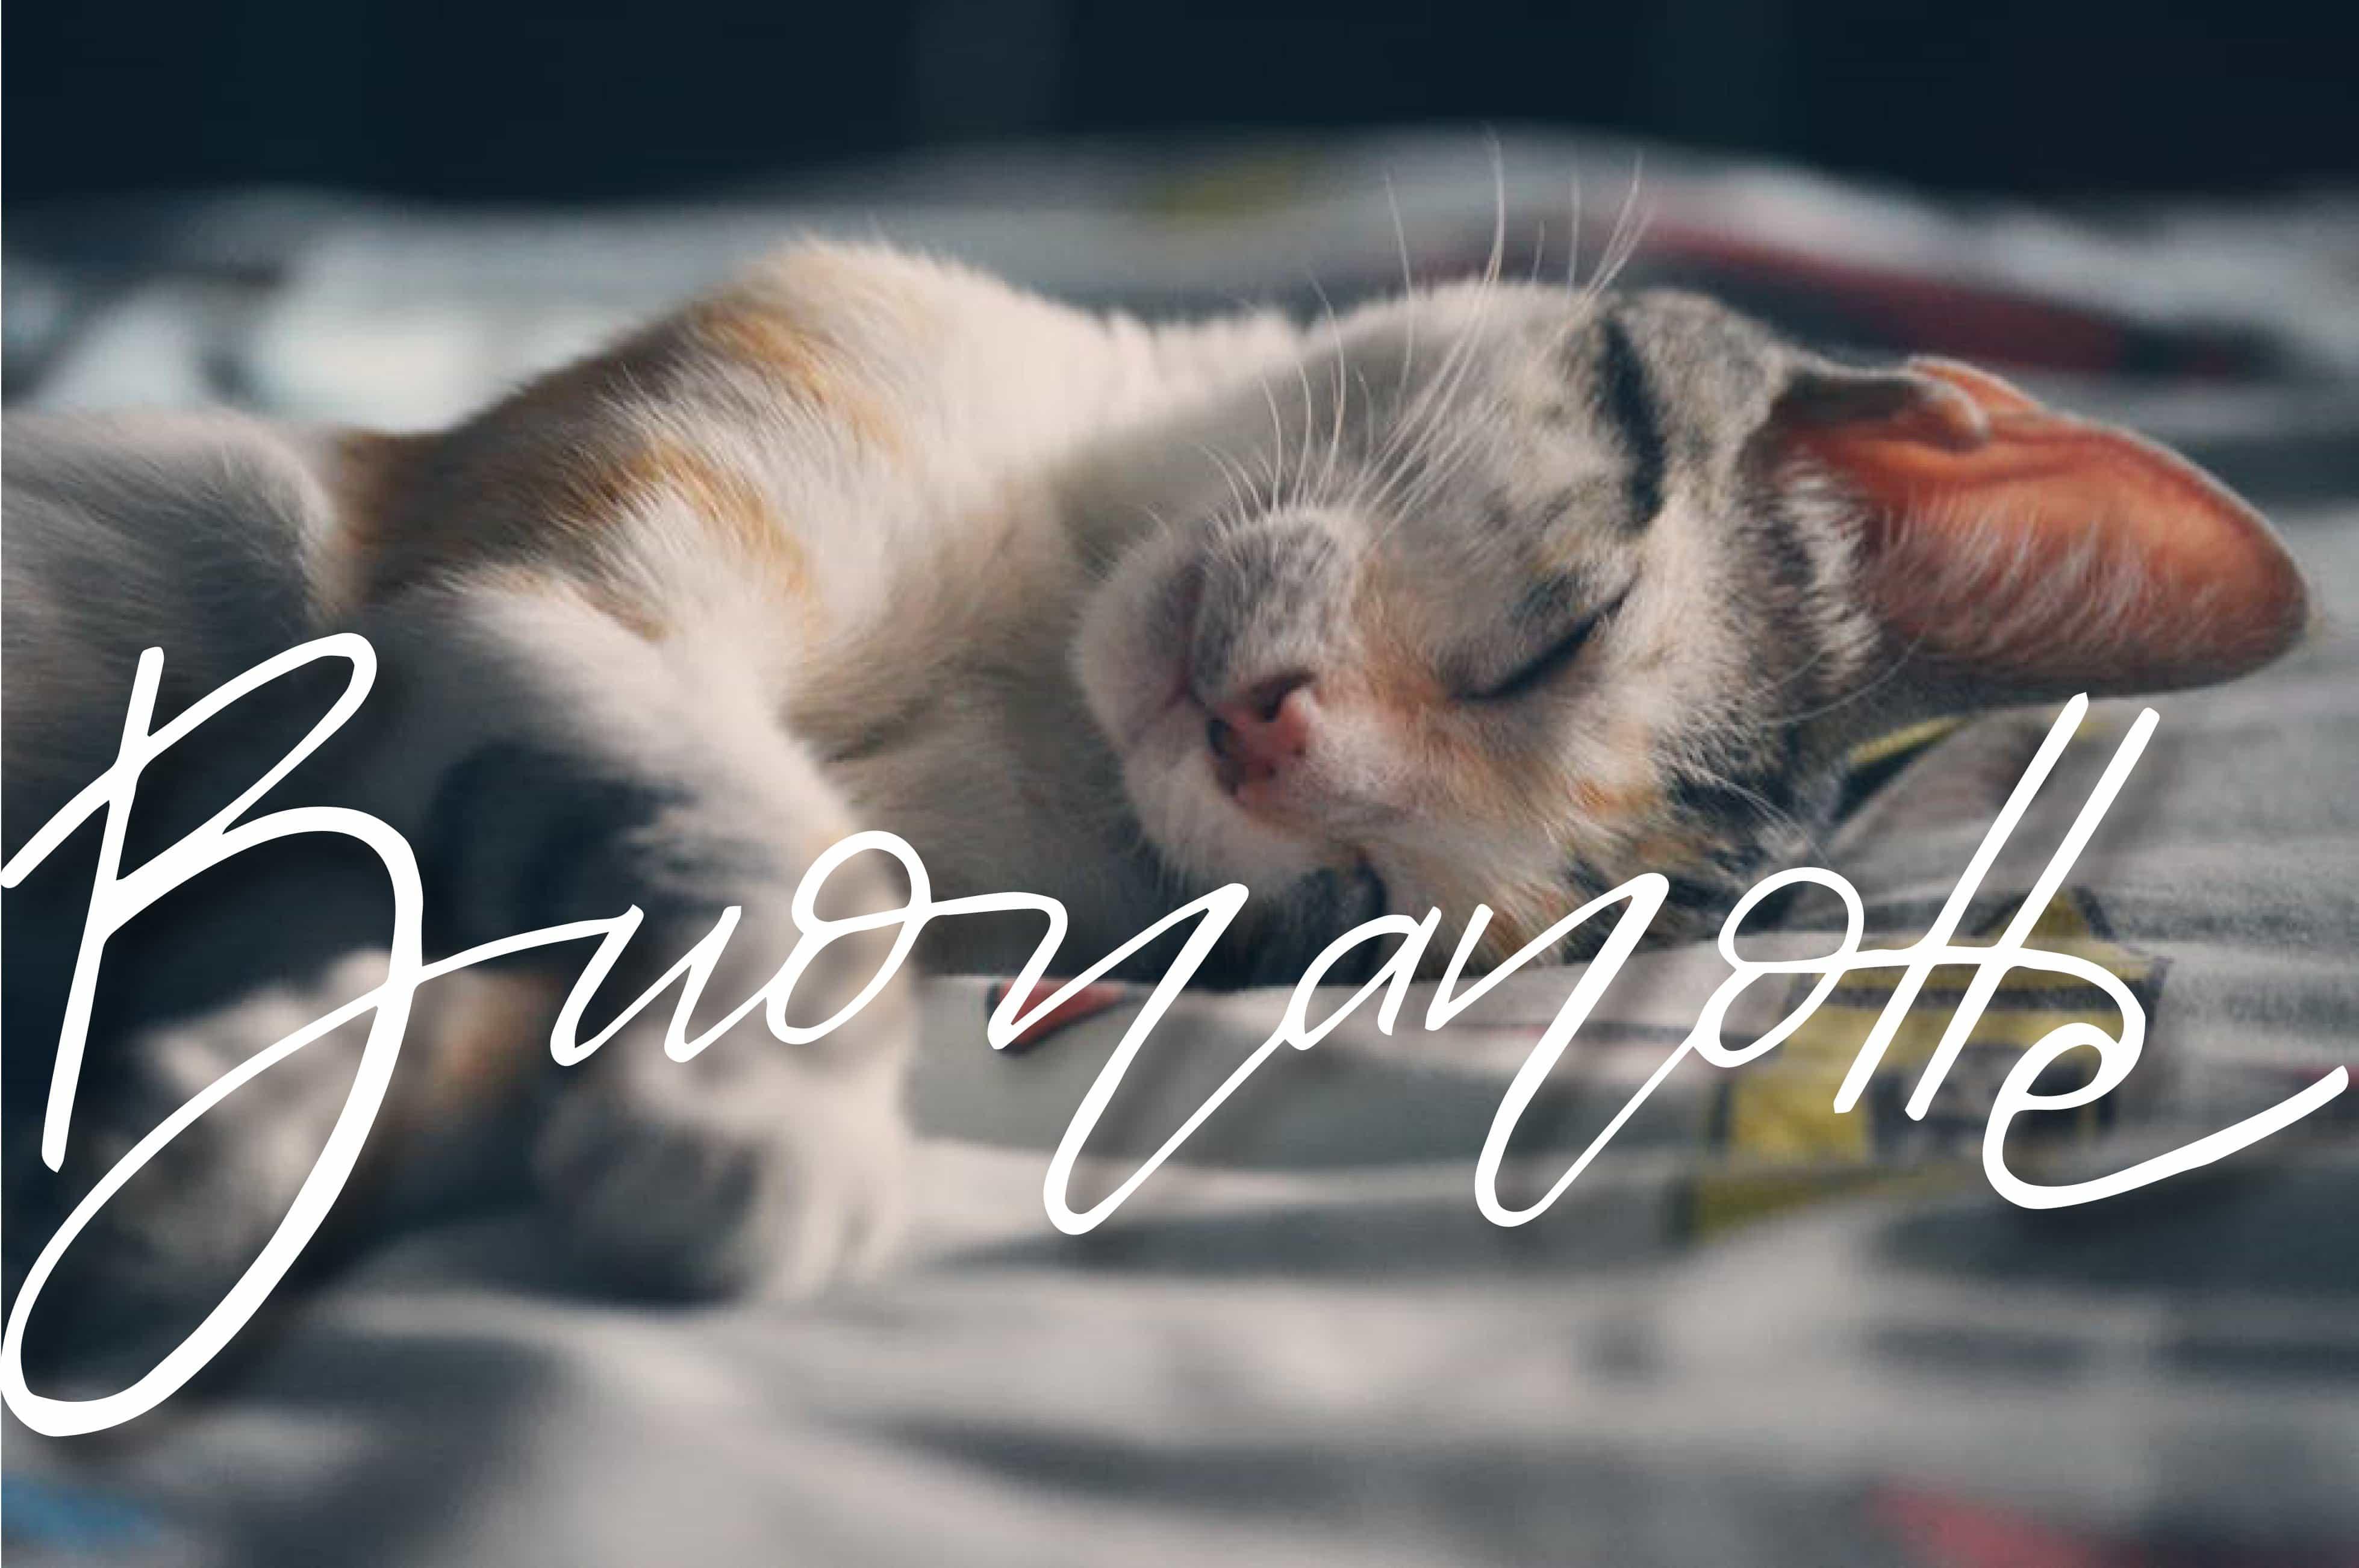 Buonanotte animale, buonanotte gattini divertenti